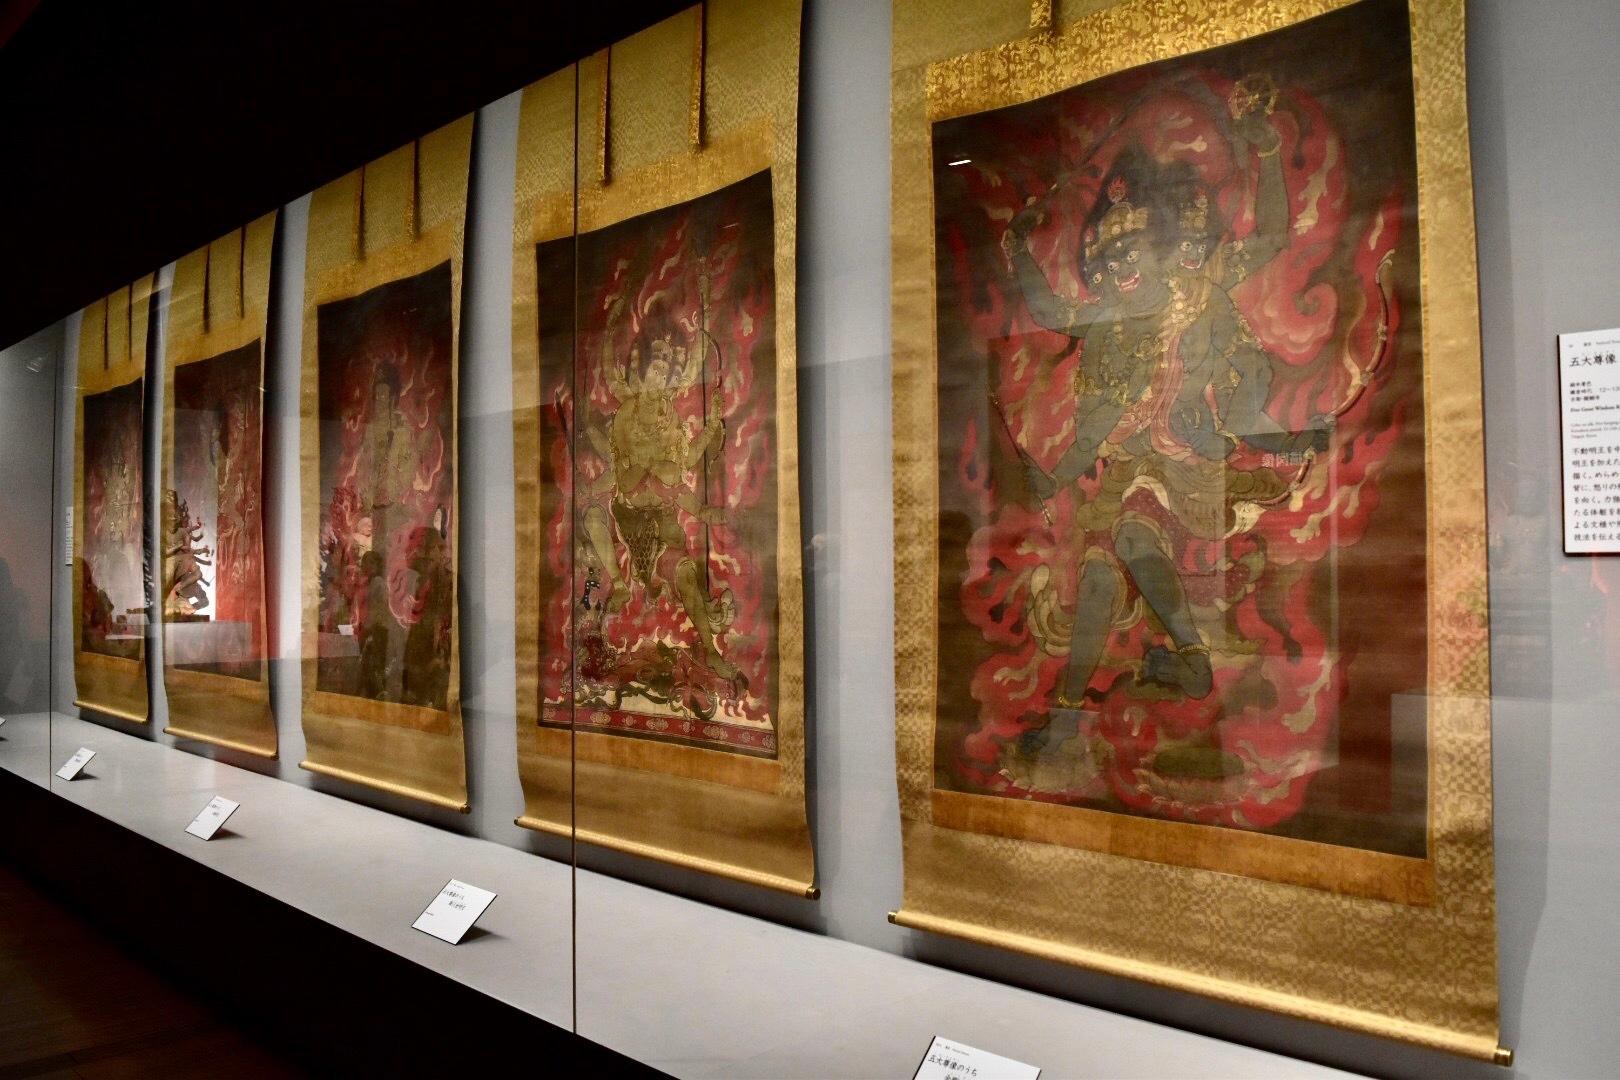 国宝《五大尊像》 鎌倉時代 12~13世紀 醍醐寺蔵